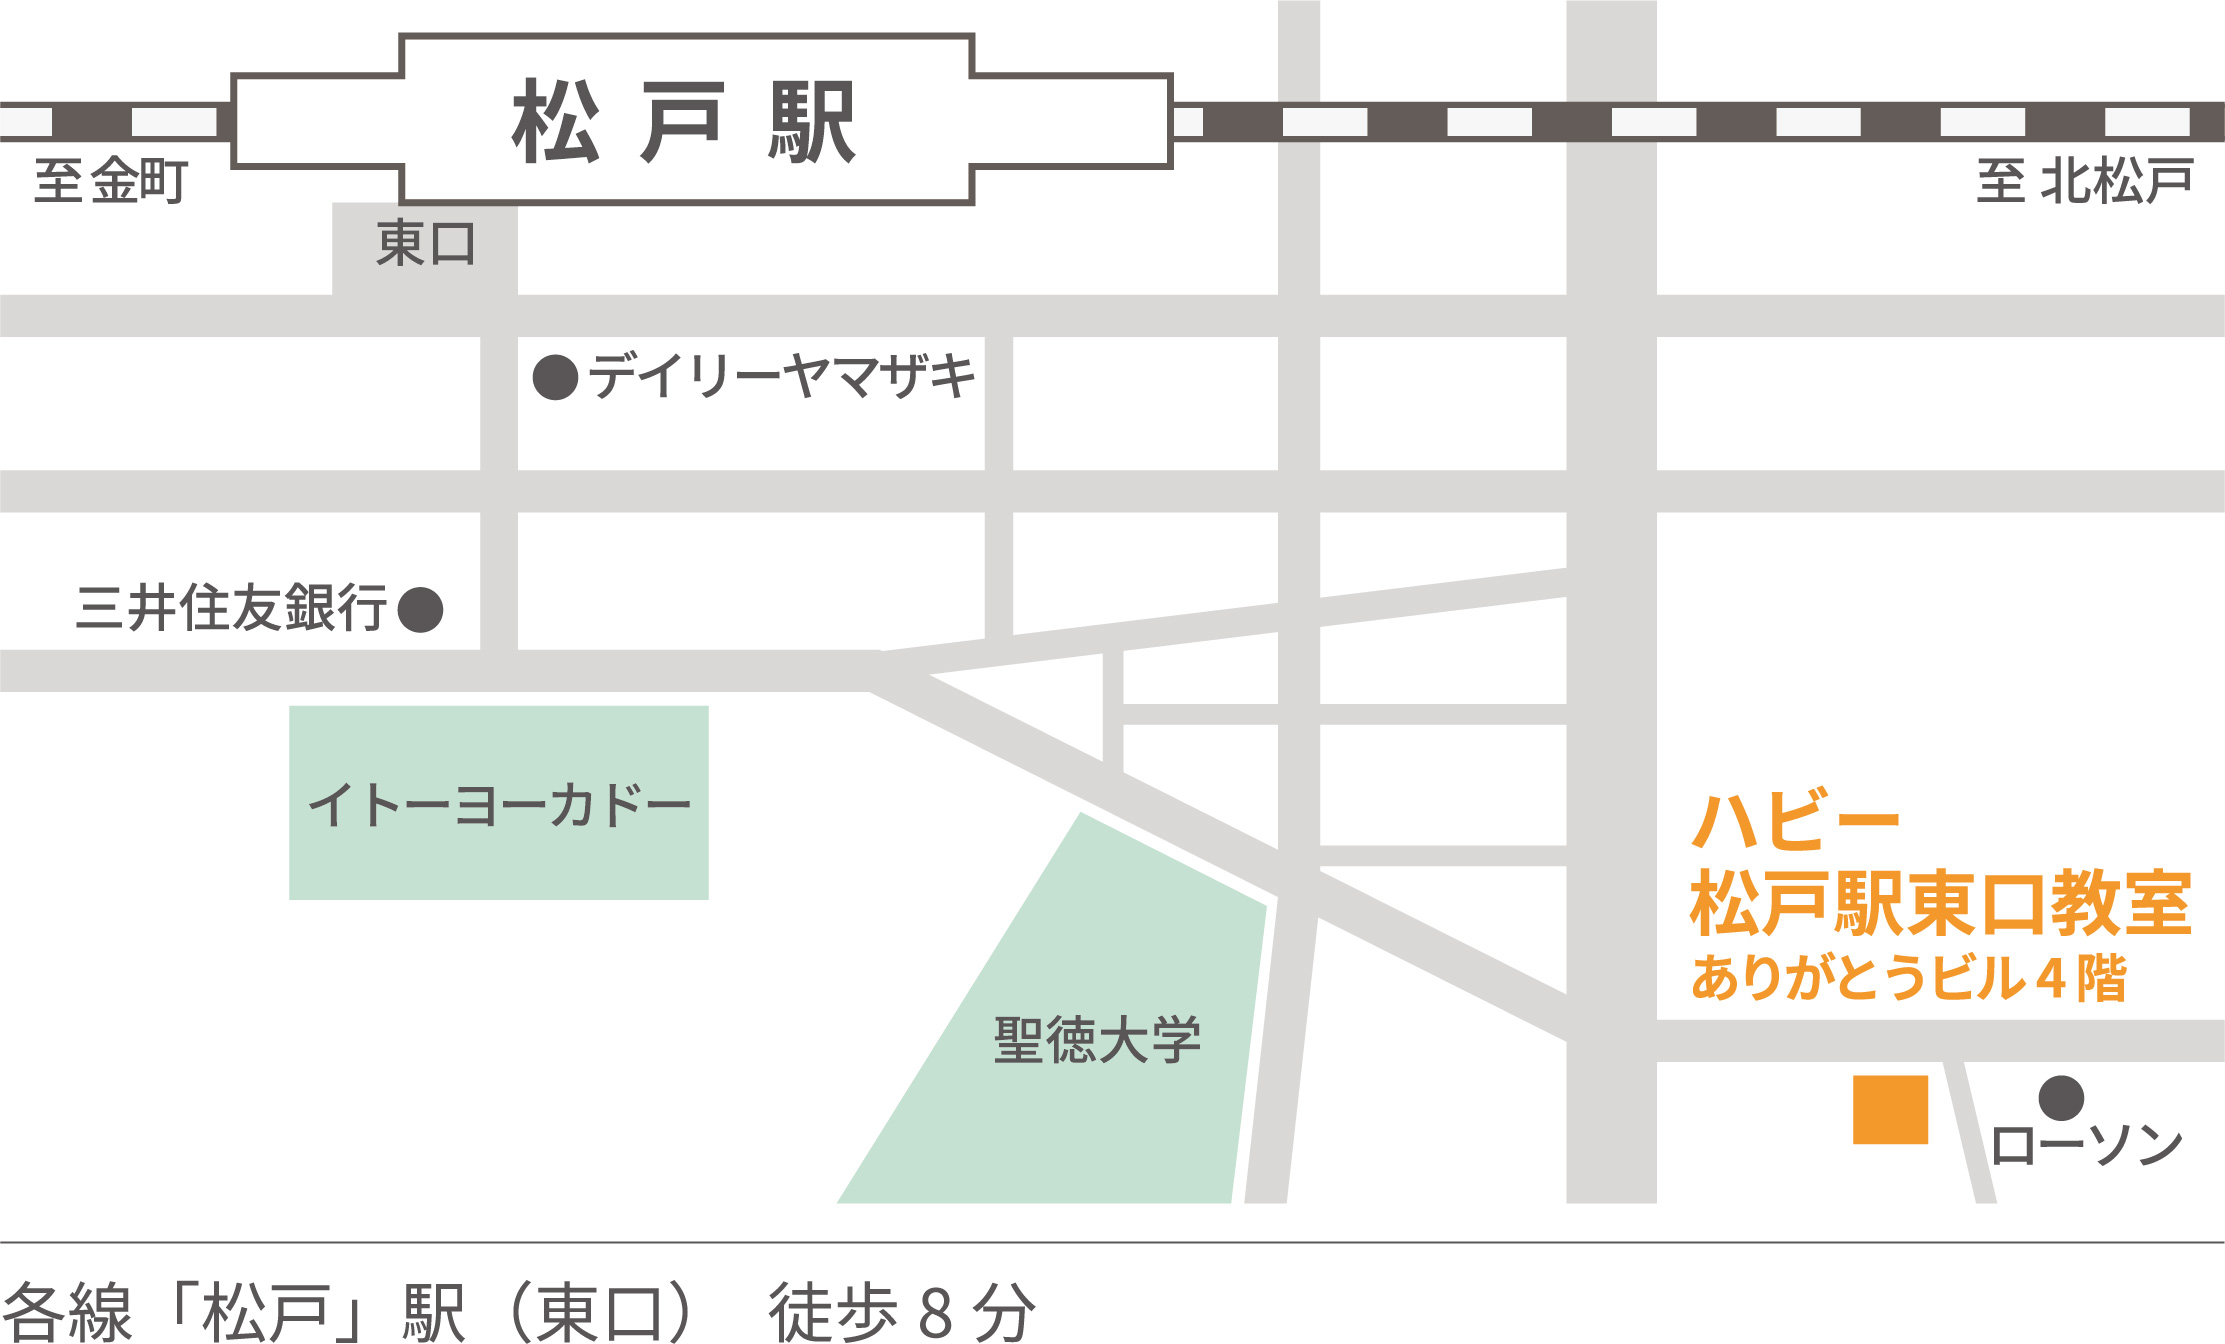 ハビー松戸駅東口教室